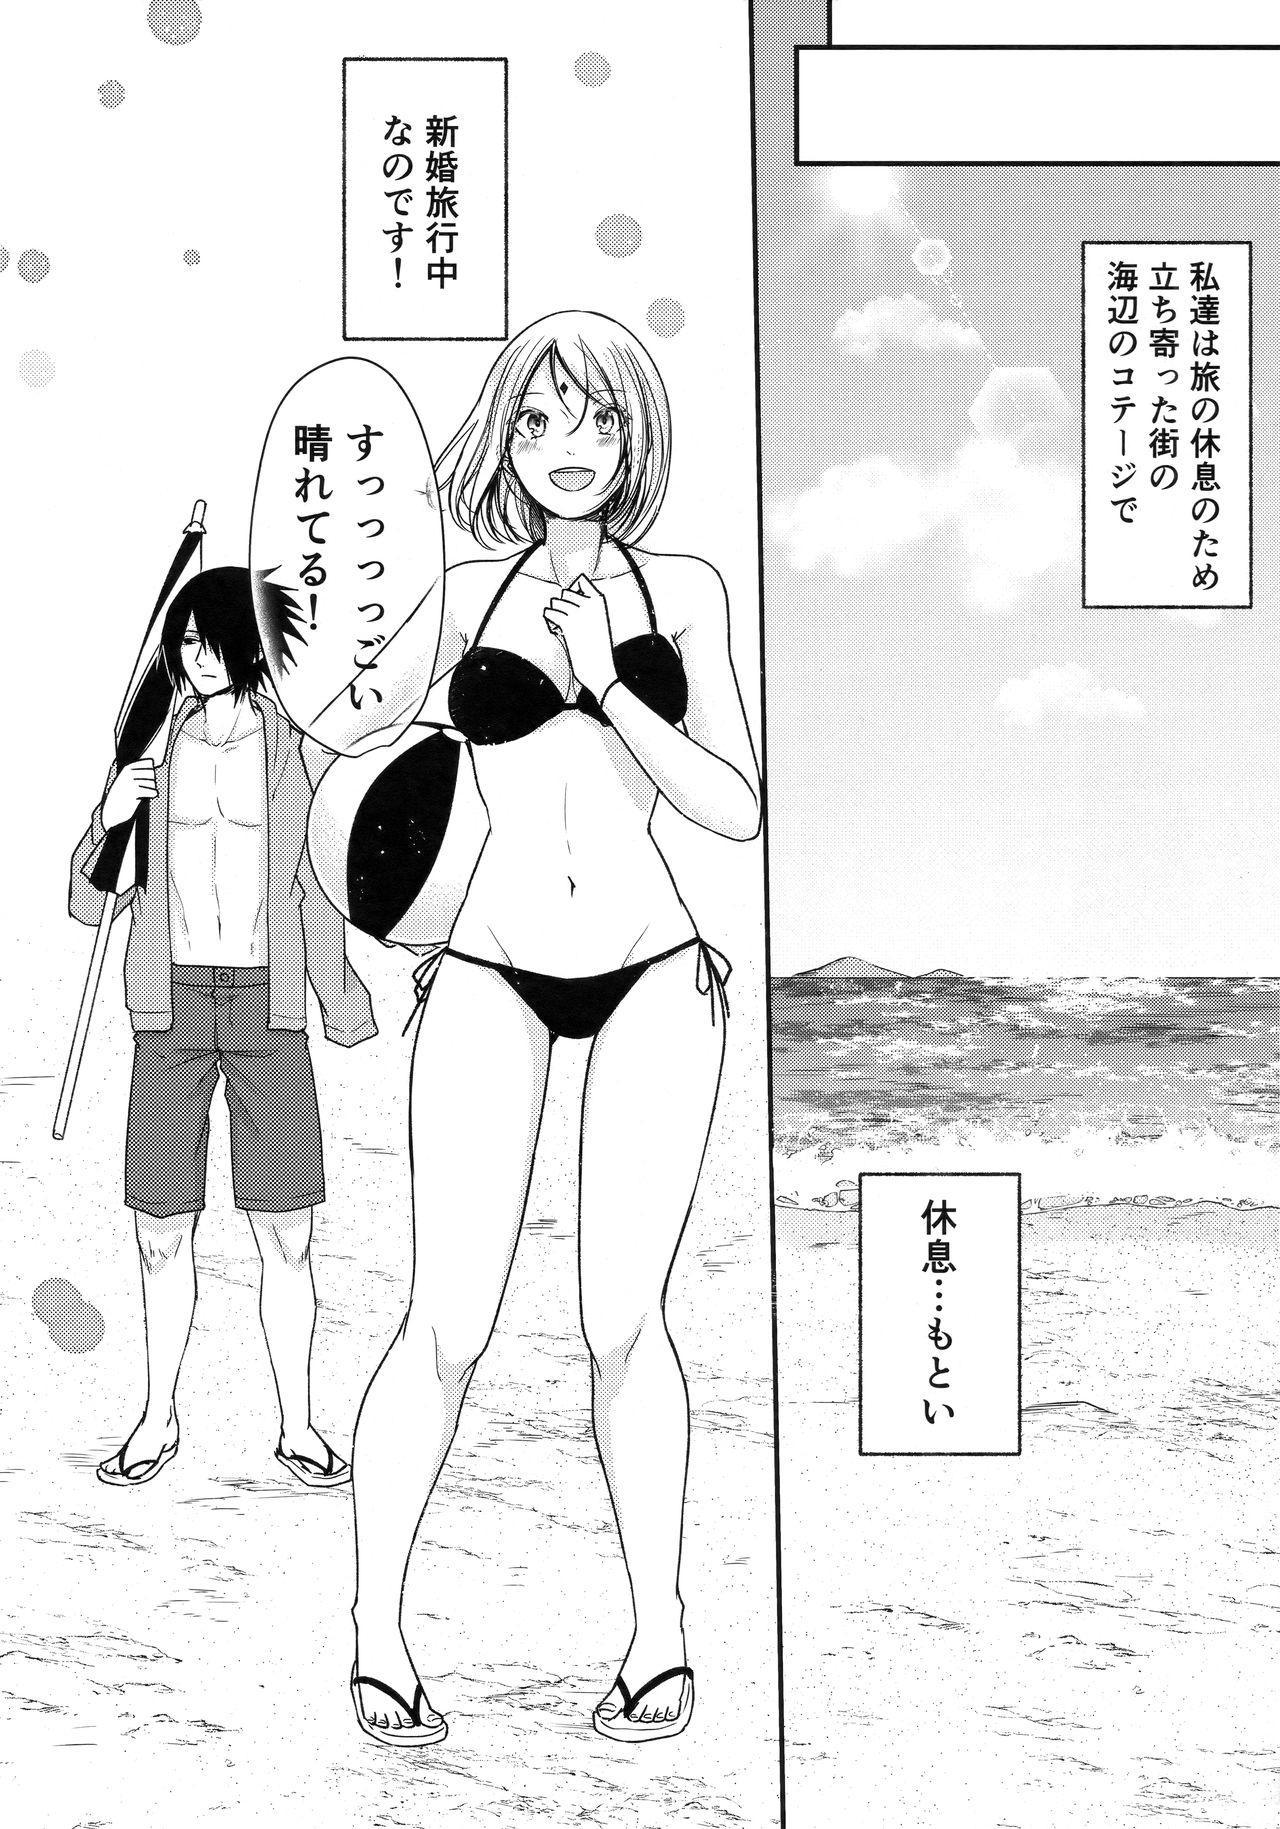 Honeymoon Beach 7